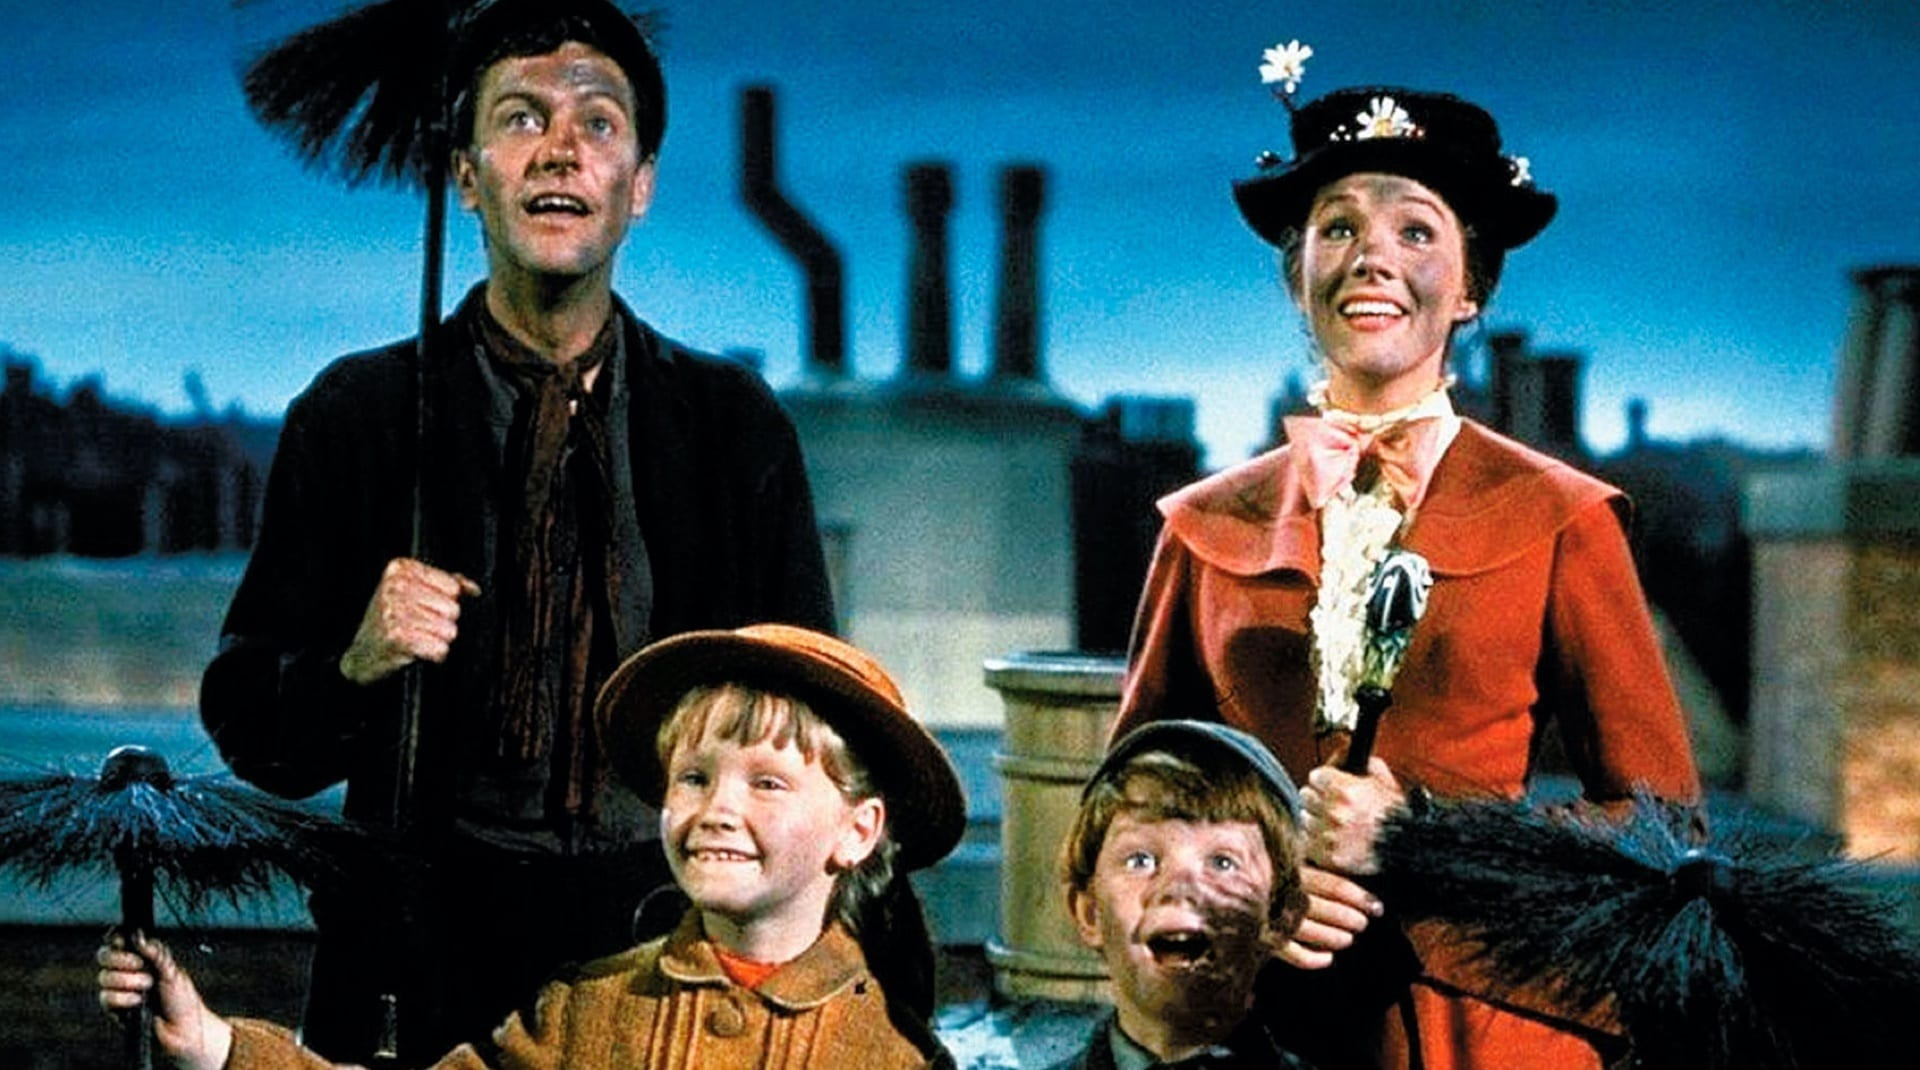 Una imagen de Mary y Bert de Mary Poppins